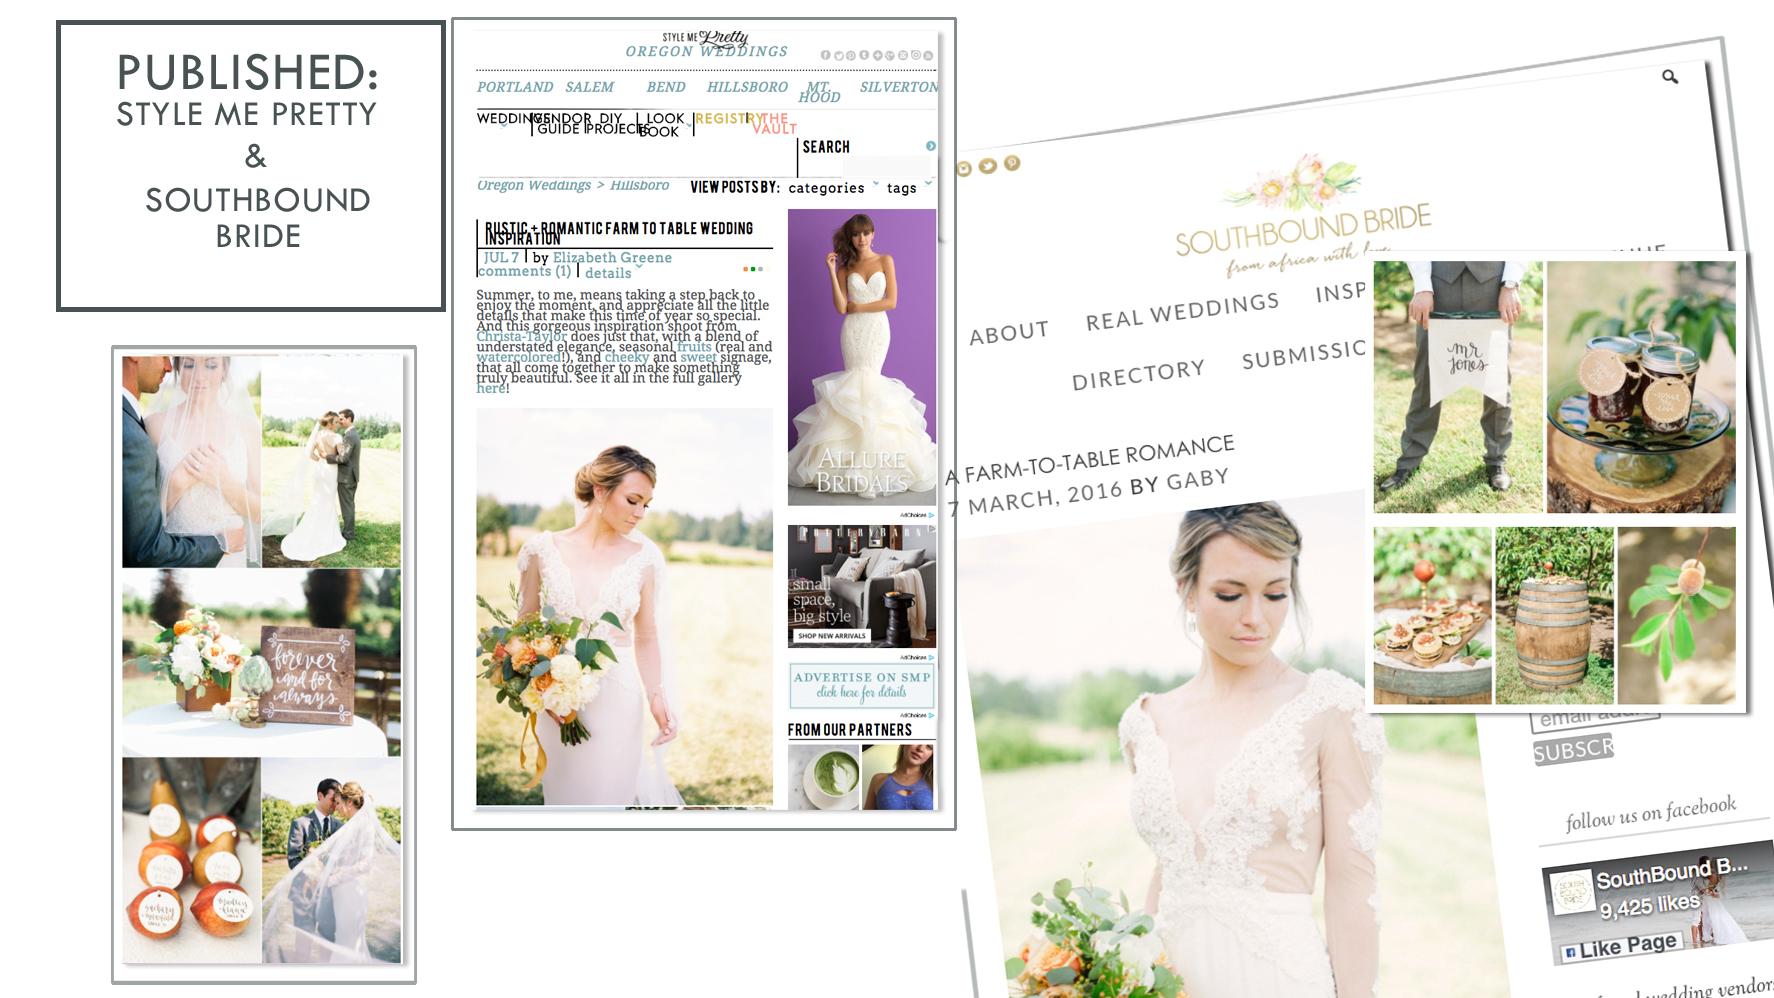 PUBLISHED_smp.jpg